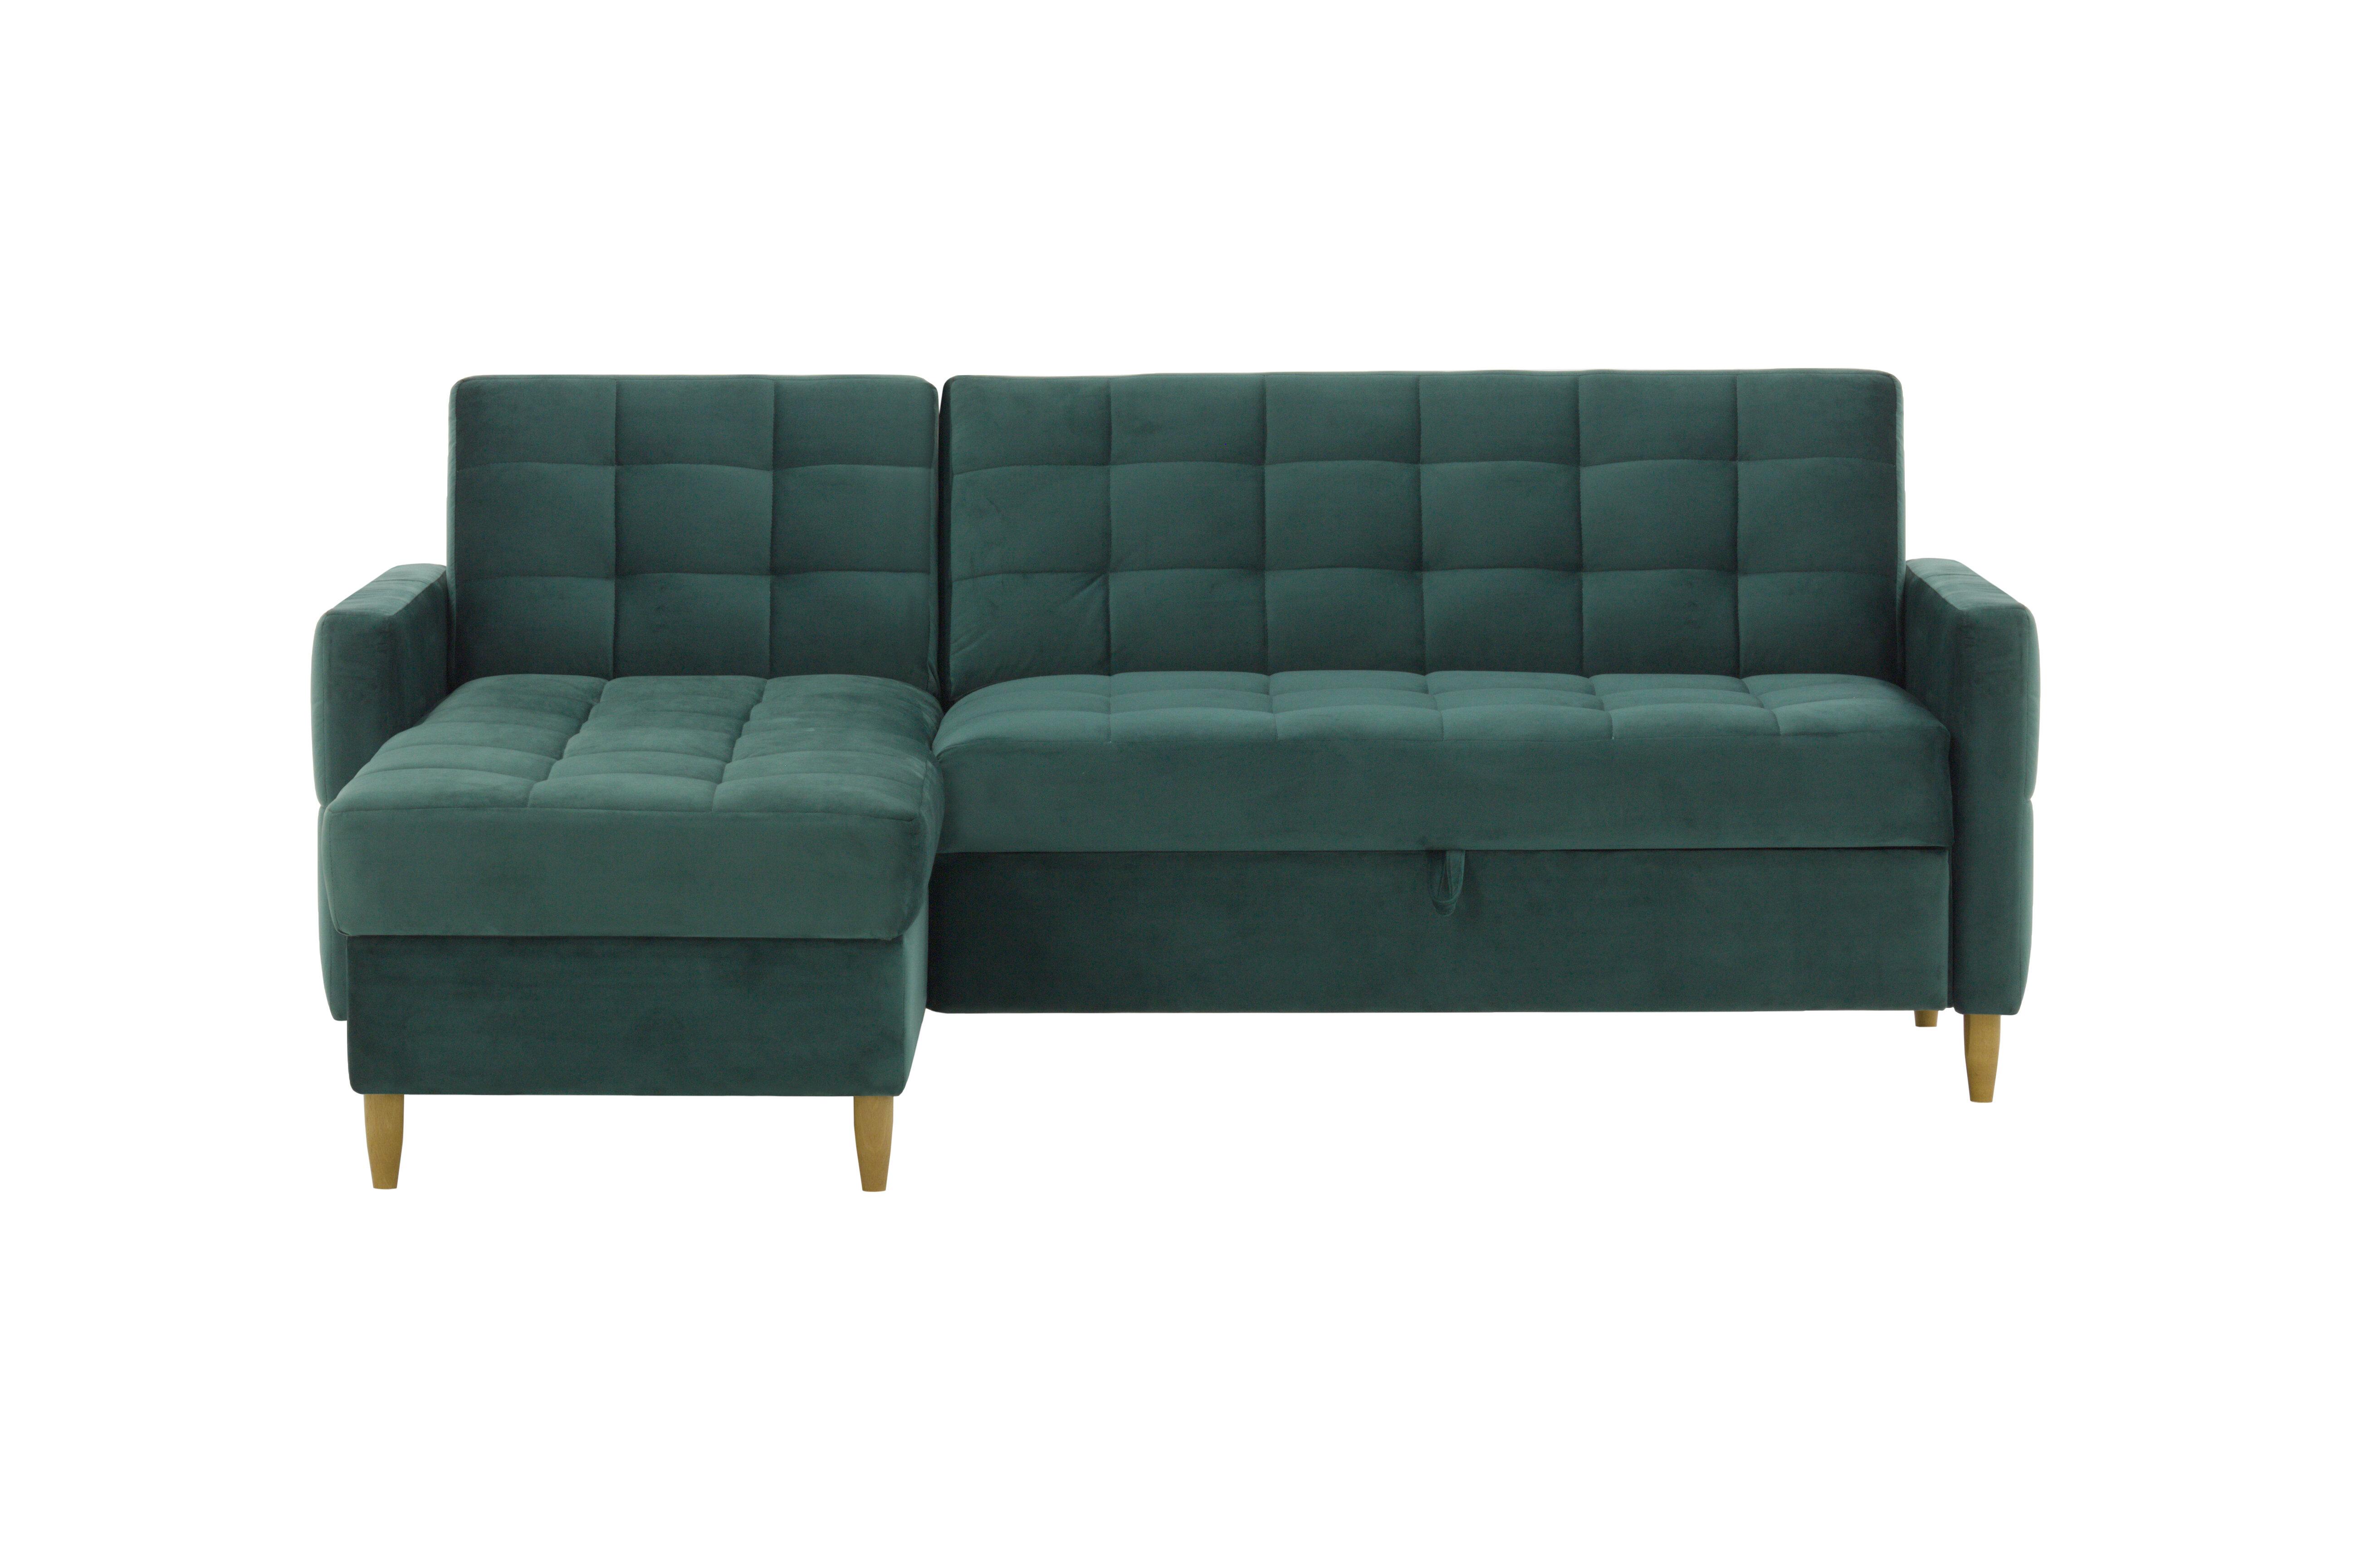 Holl Reversible Corner Sofa Bed